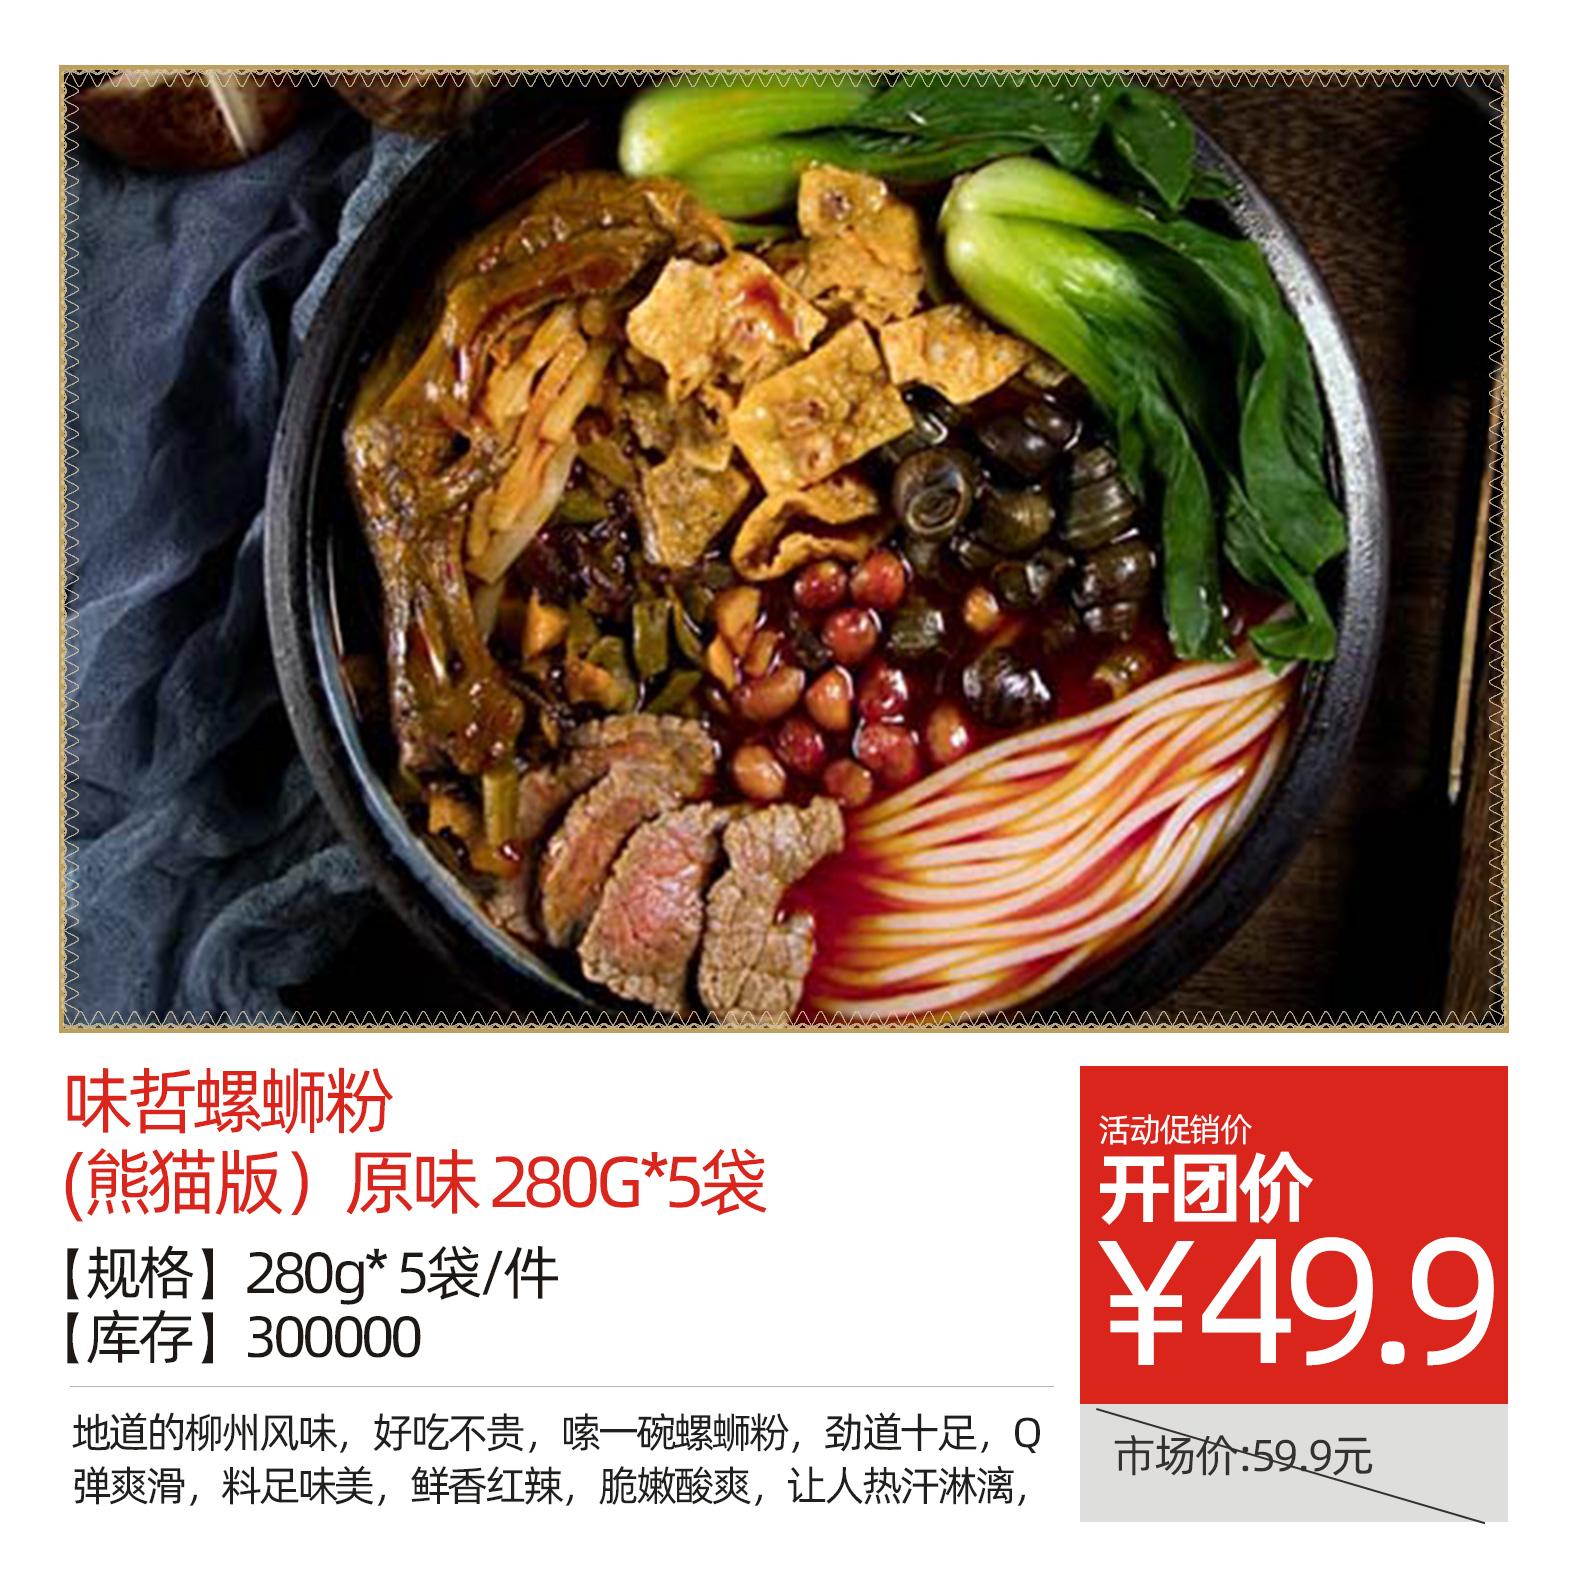 味哲螺蛳粉(熊猫版)原味 280g* 5袋/件